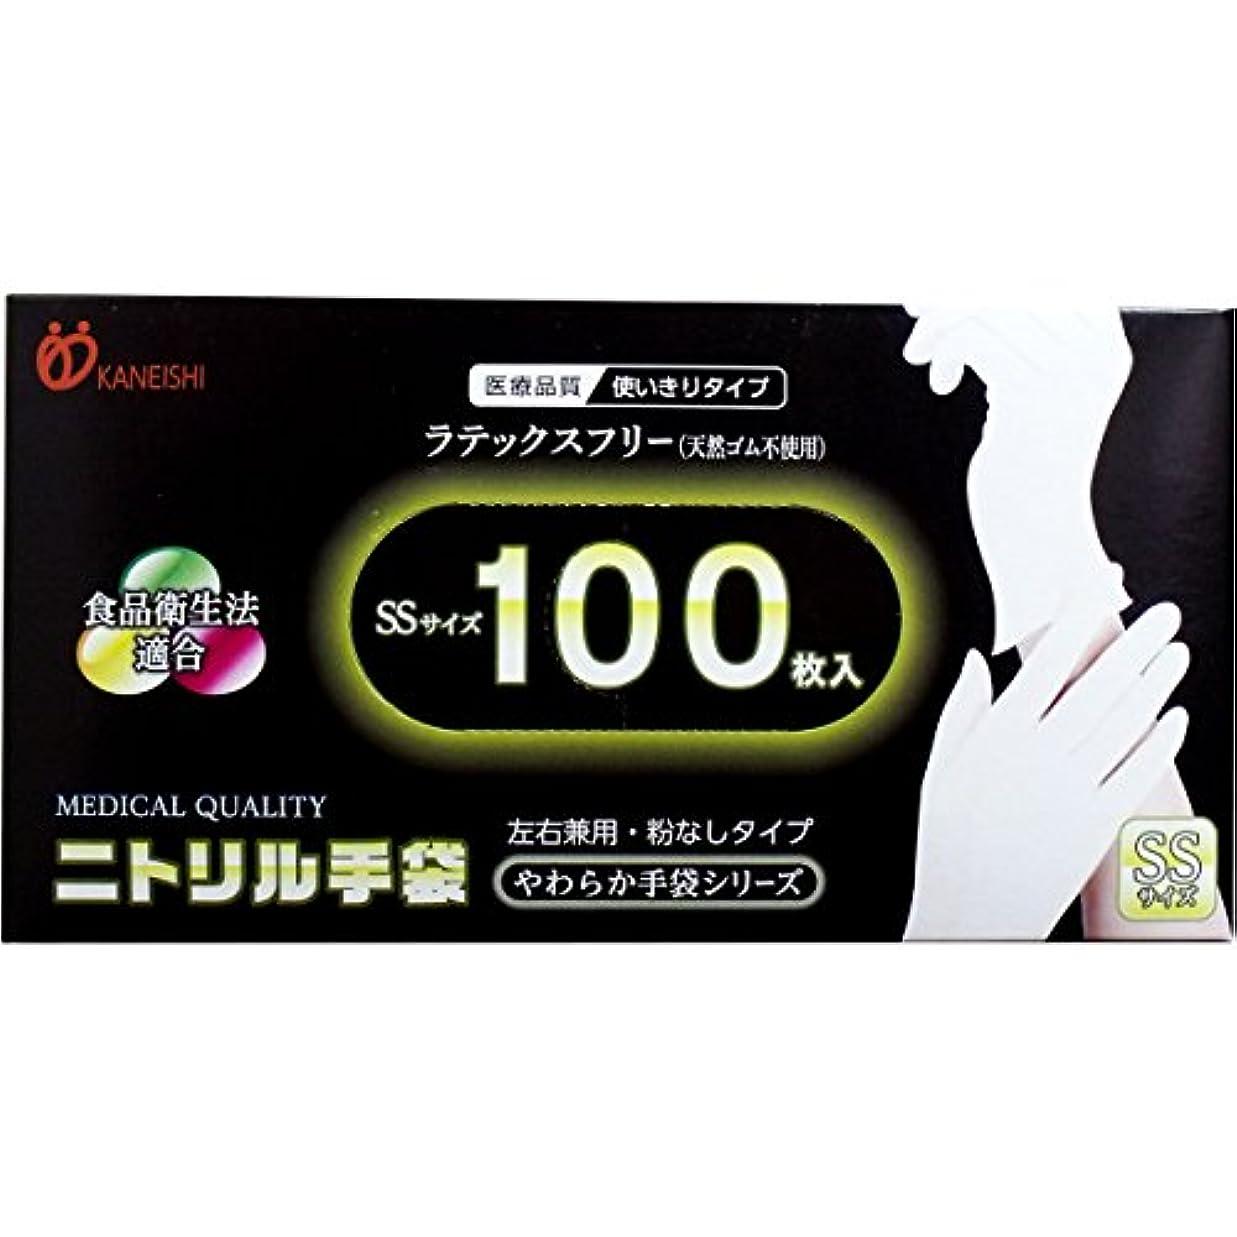 ミュウミュウ原子炉印象的なノンパウダータイプ 食品衛生法適合 便利 やわらかニトリル手袋 パウダーフリー 100枚入 SSサイズ